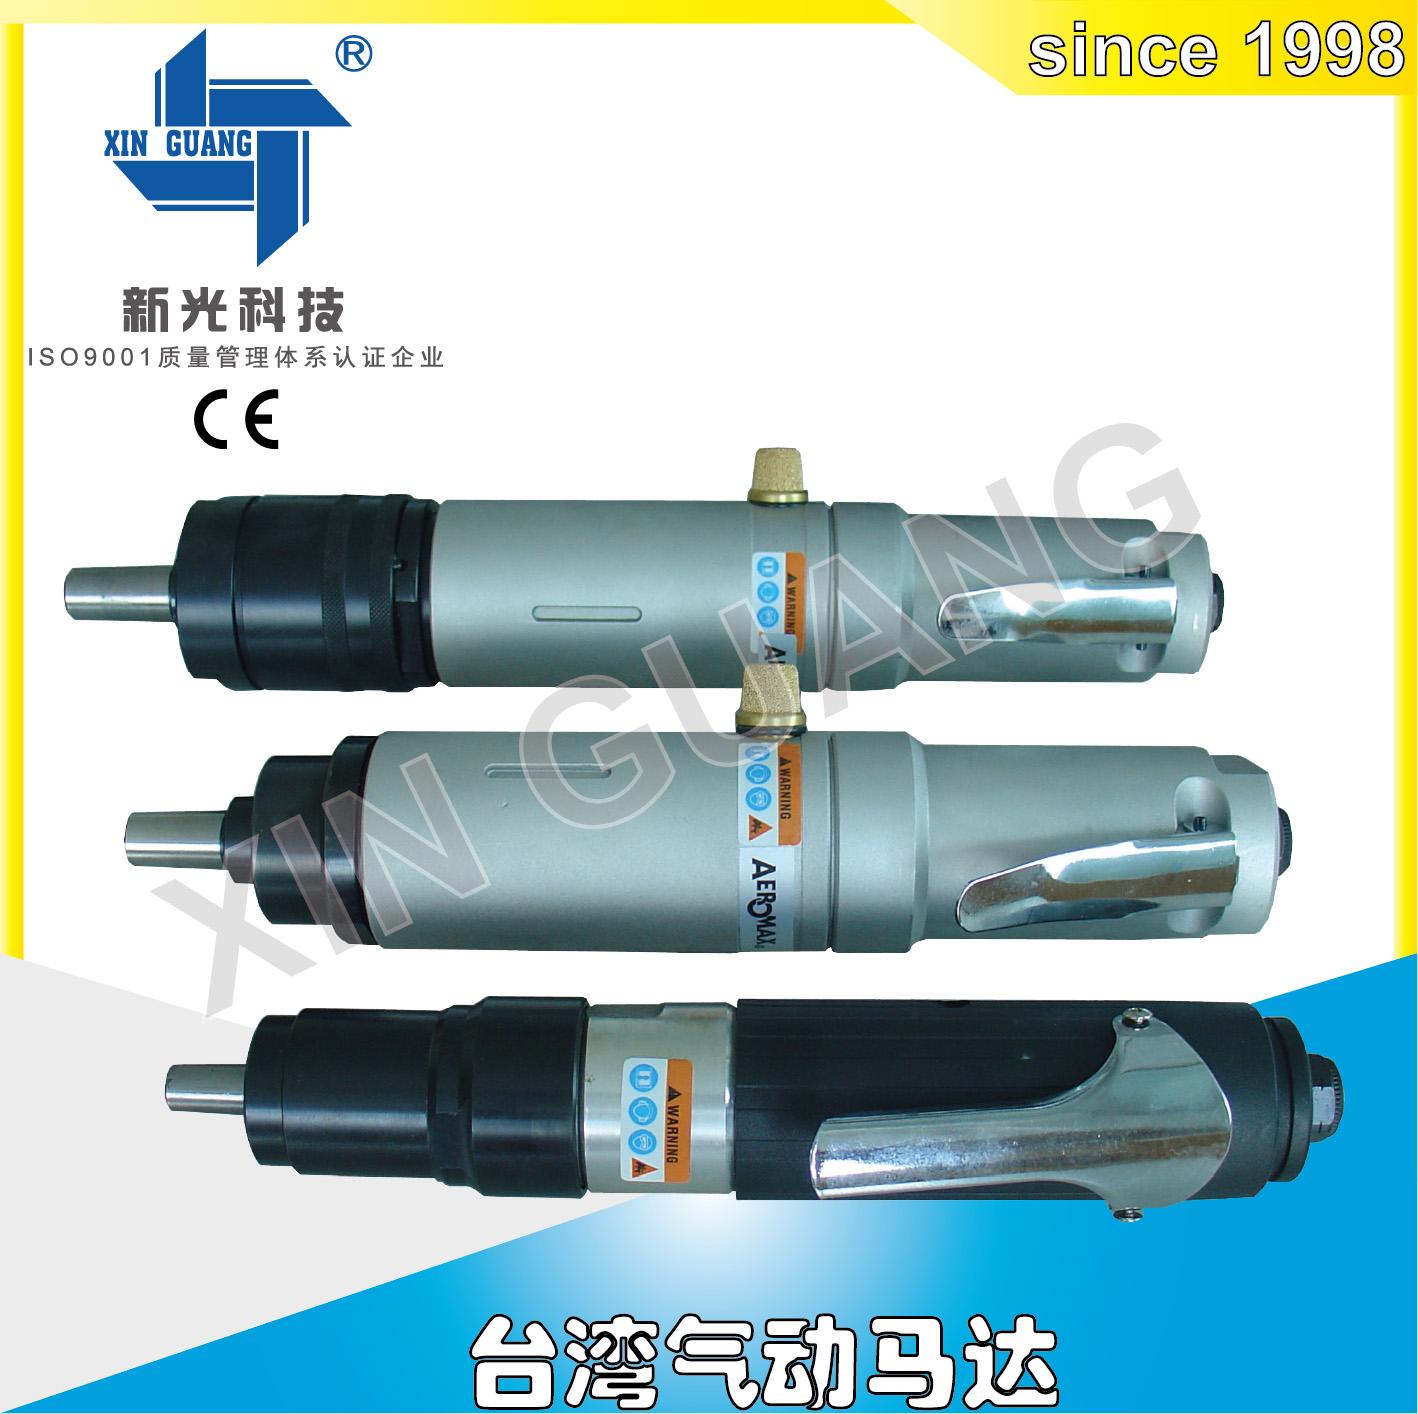 台湾原装气动马达